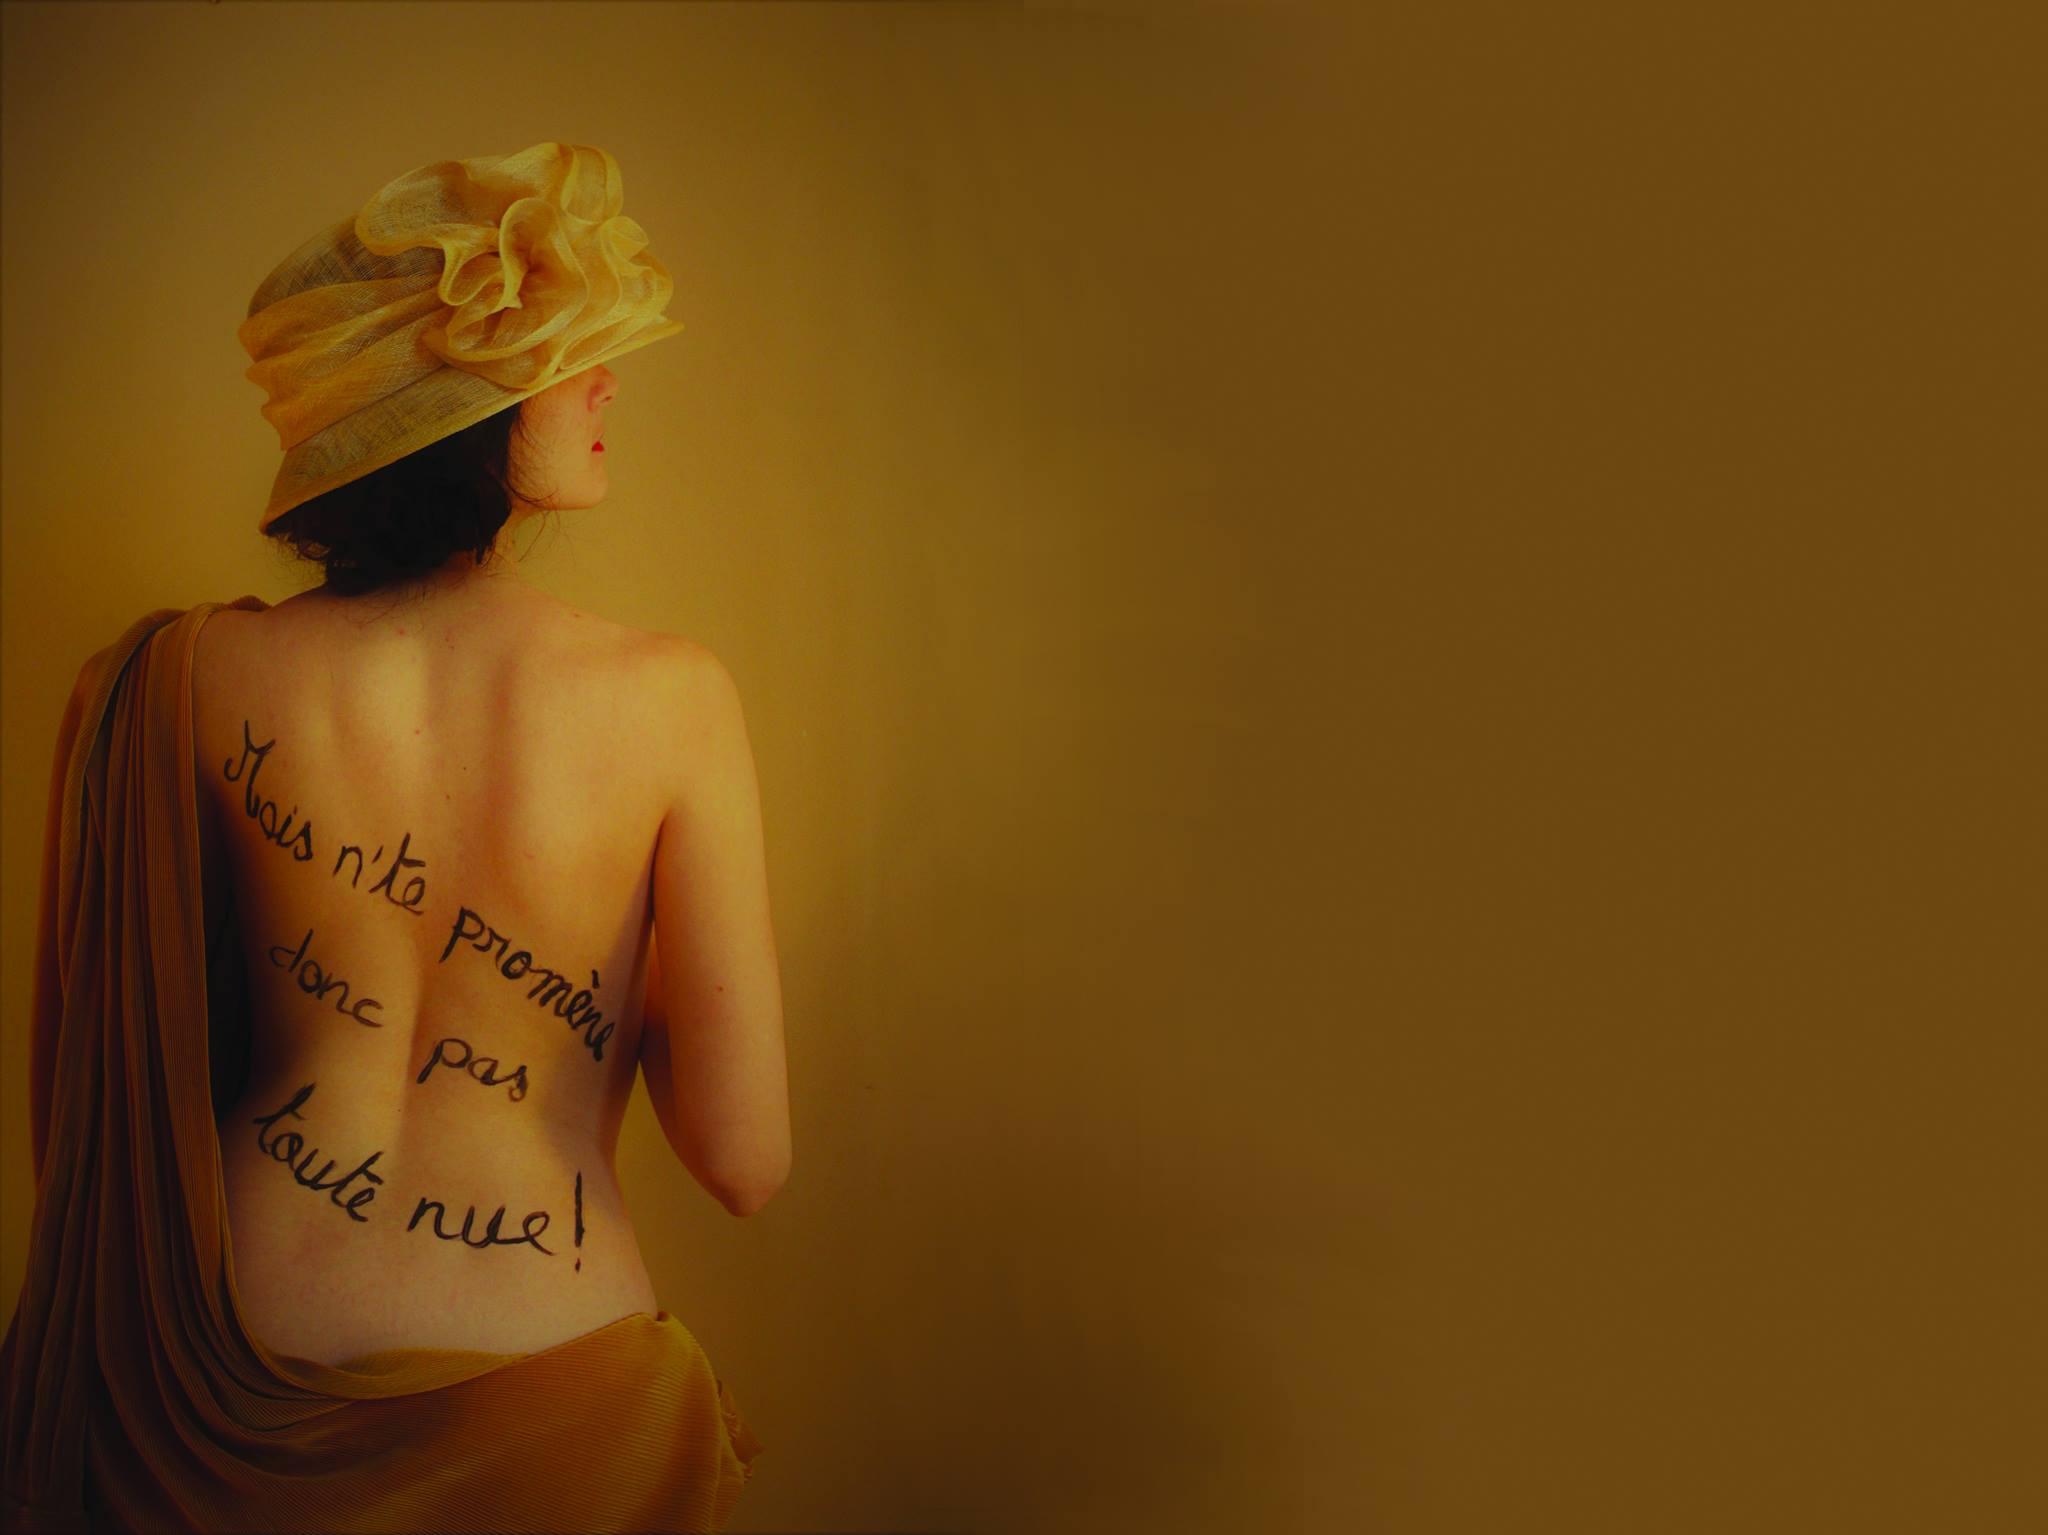 Les Théâtrales: Mais n'te promène donc pas toute nue ! - LUCQ-DE-BEARN